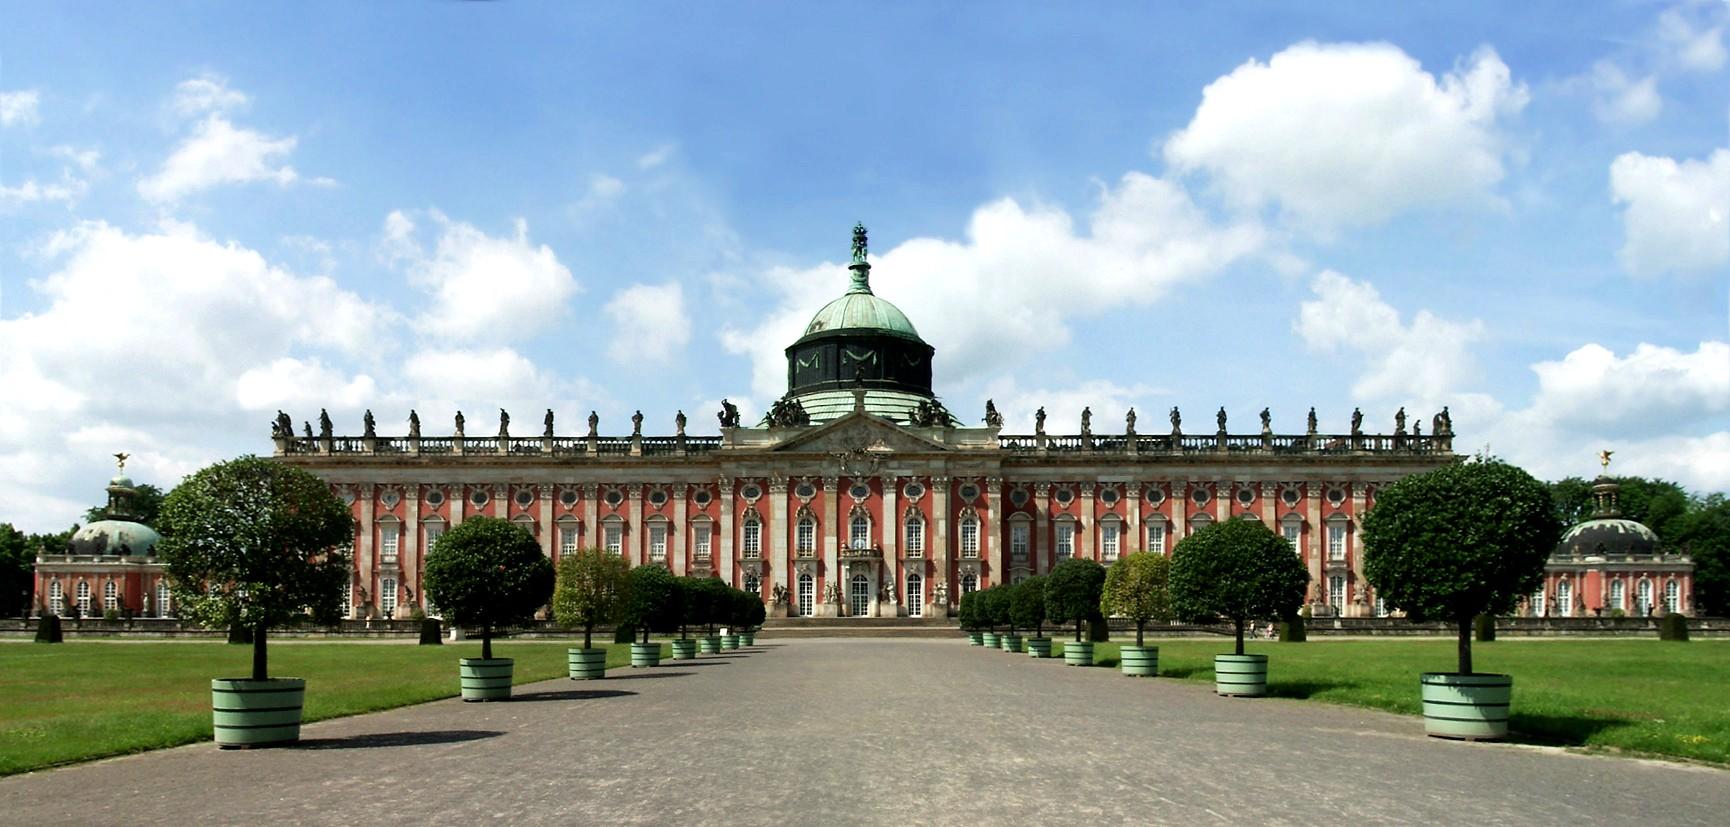 Bild Neues Palais Potsdam